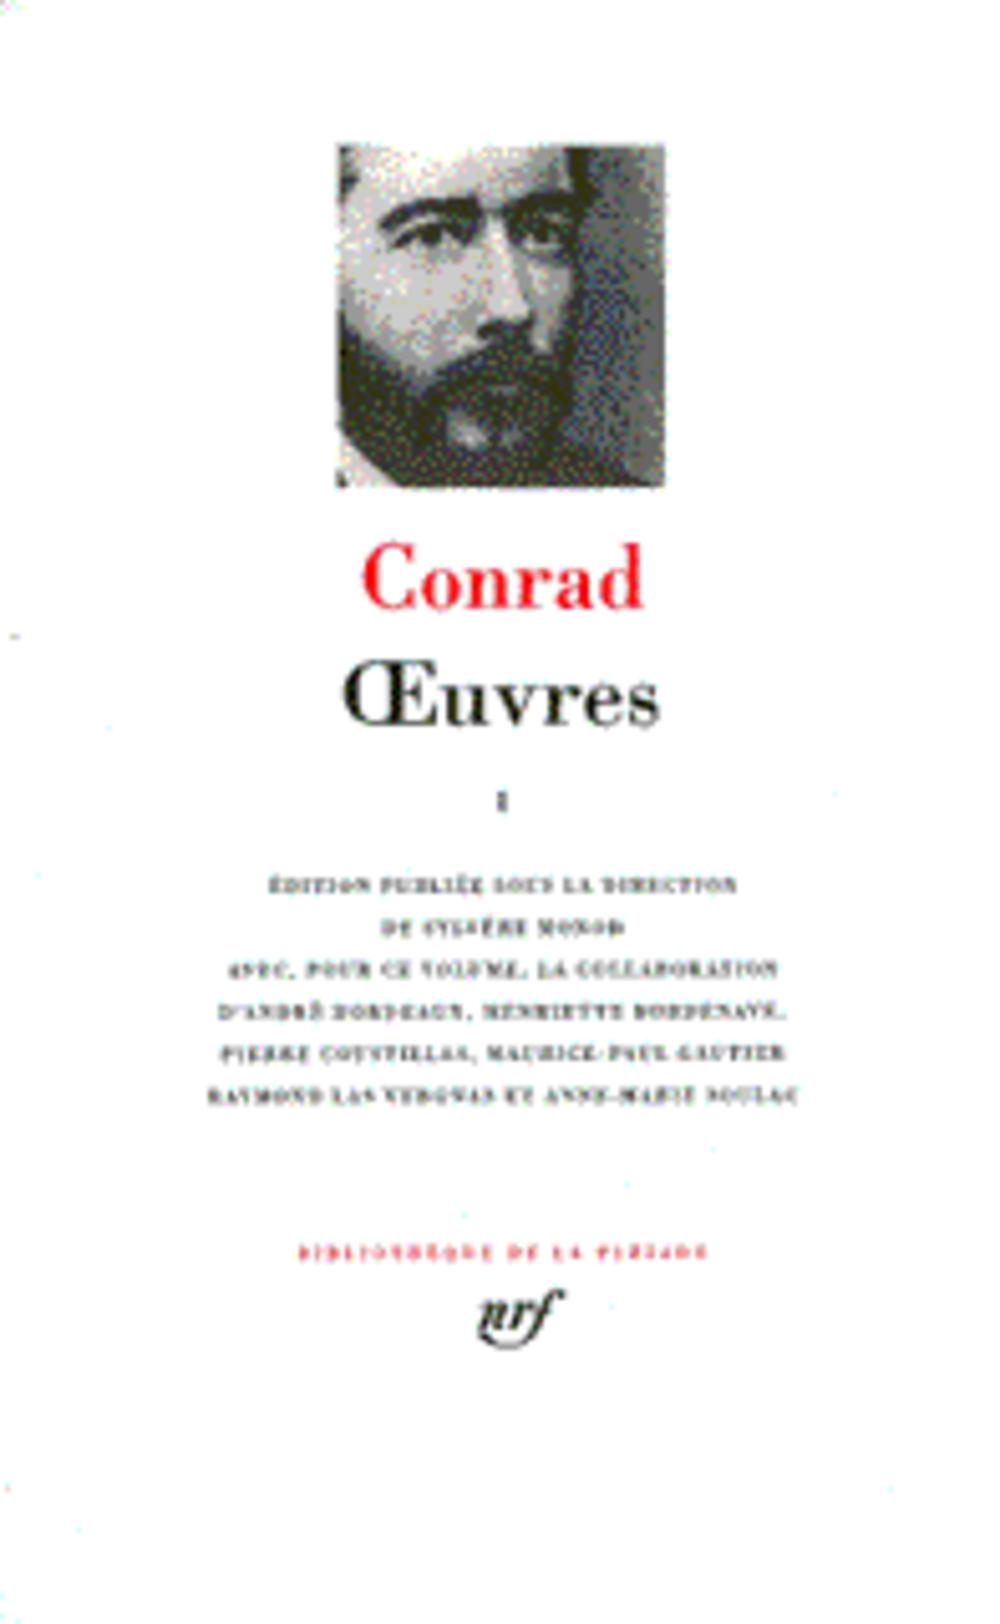 CONRAD, JOSEPH - OEUVRES T.3